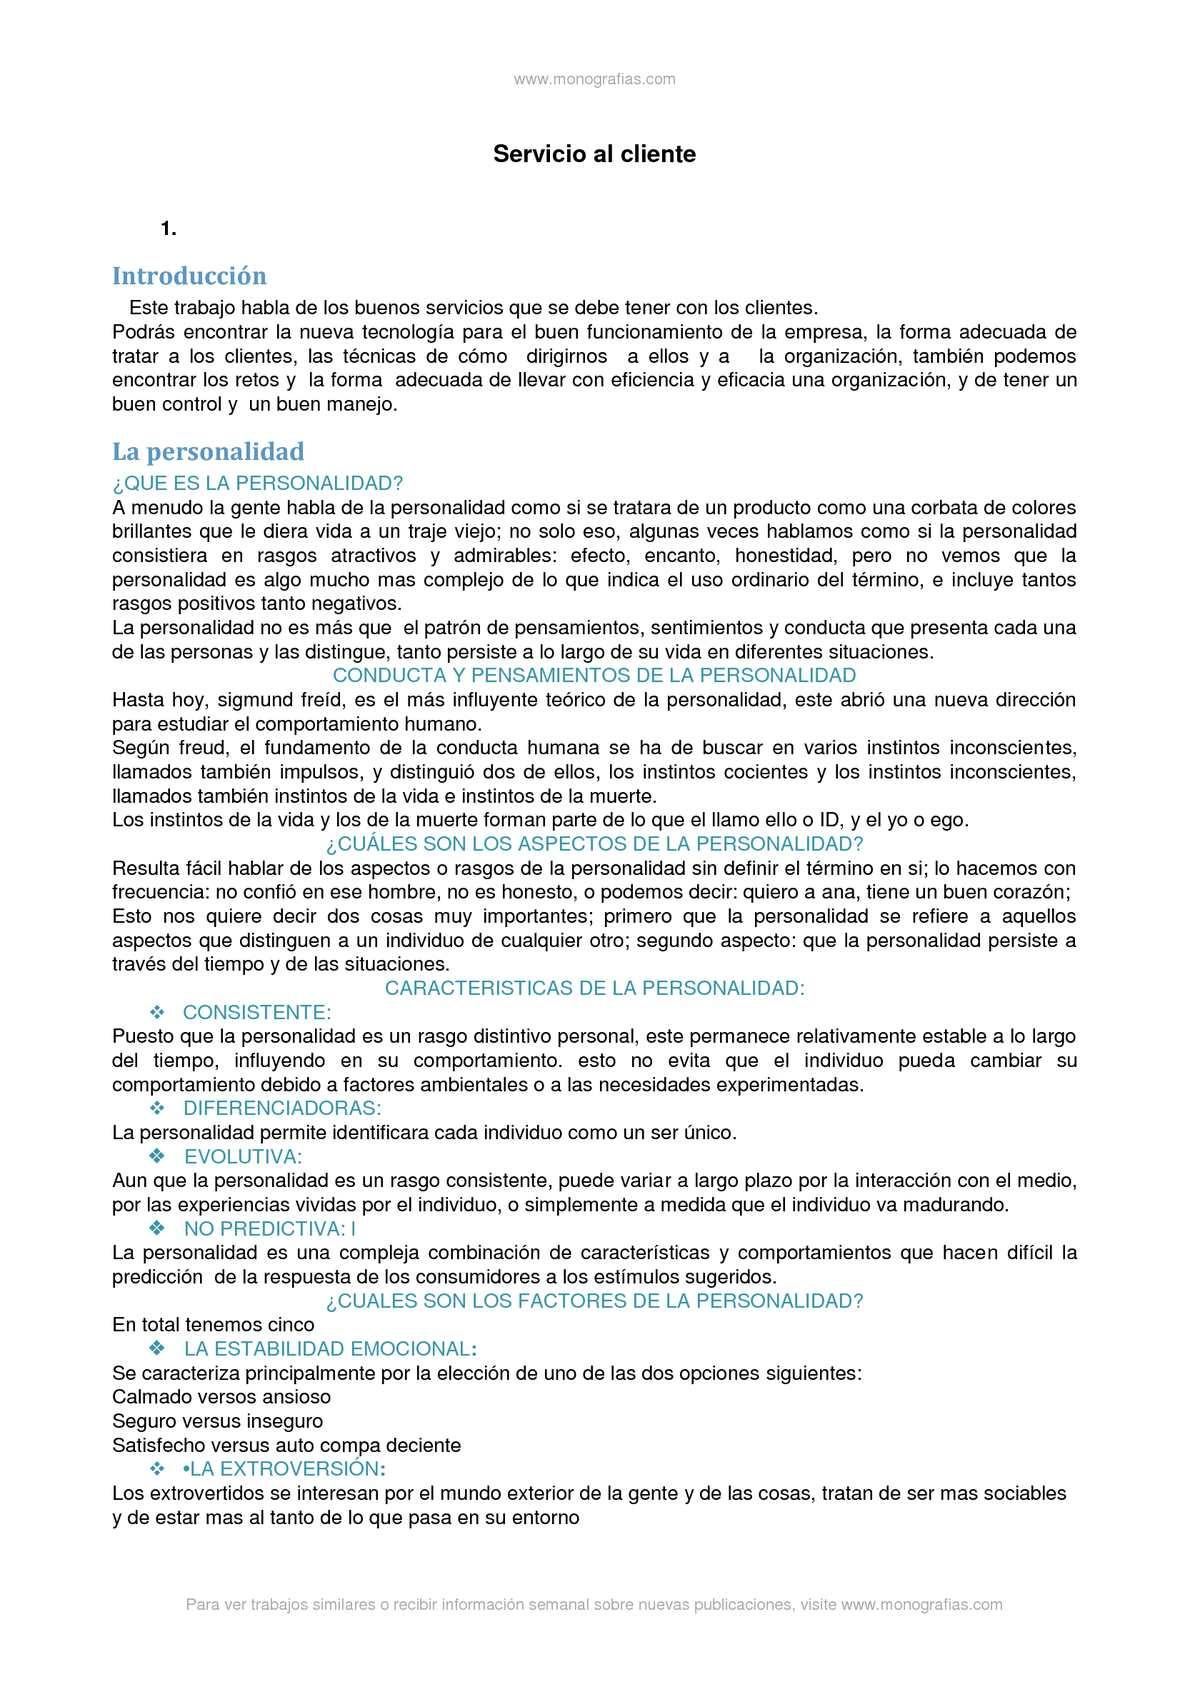 Calaméo - SERVICIO AL CLIENTE cf8eb4371b84a